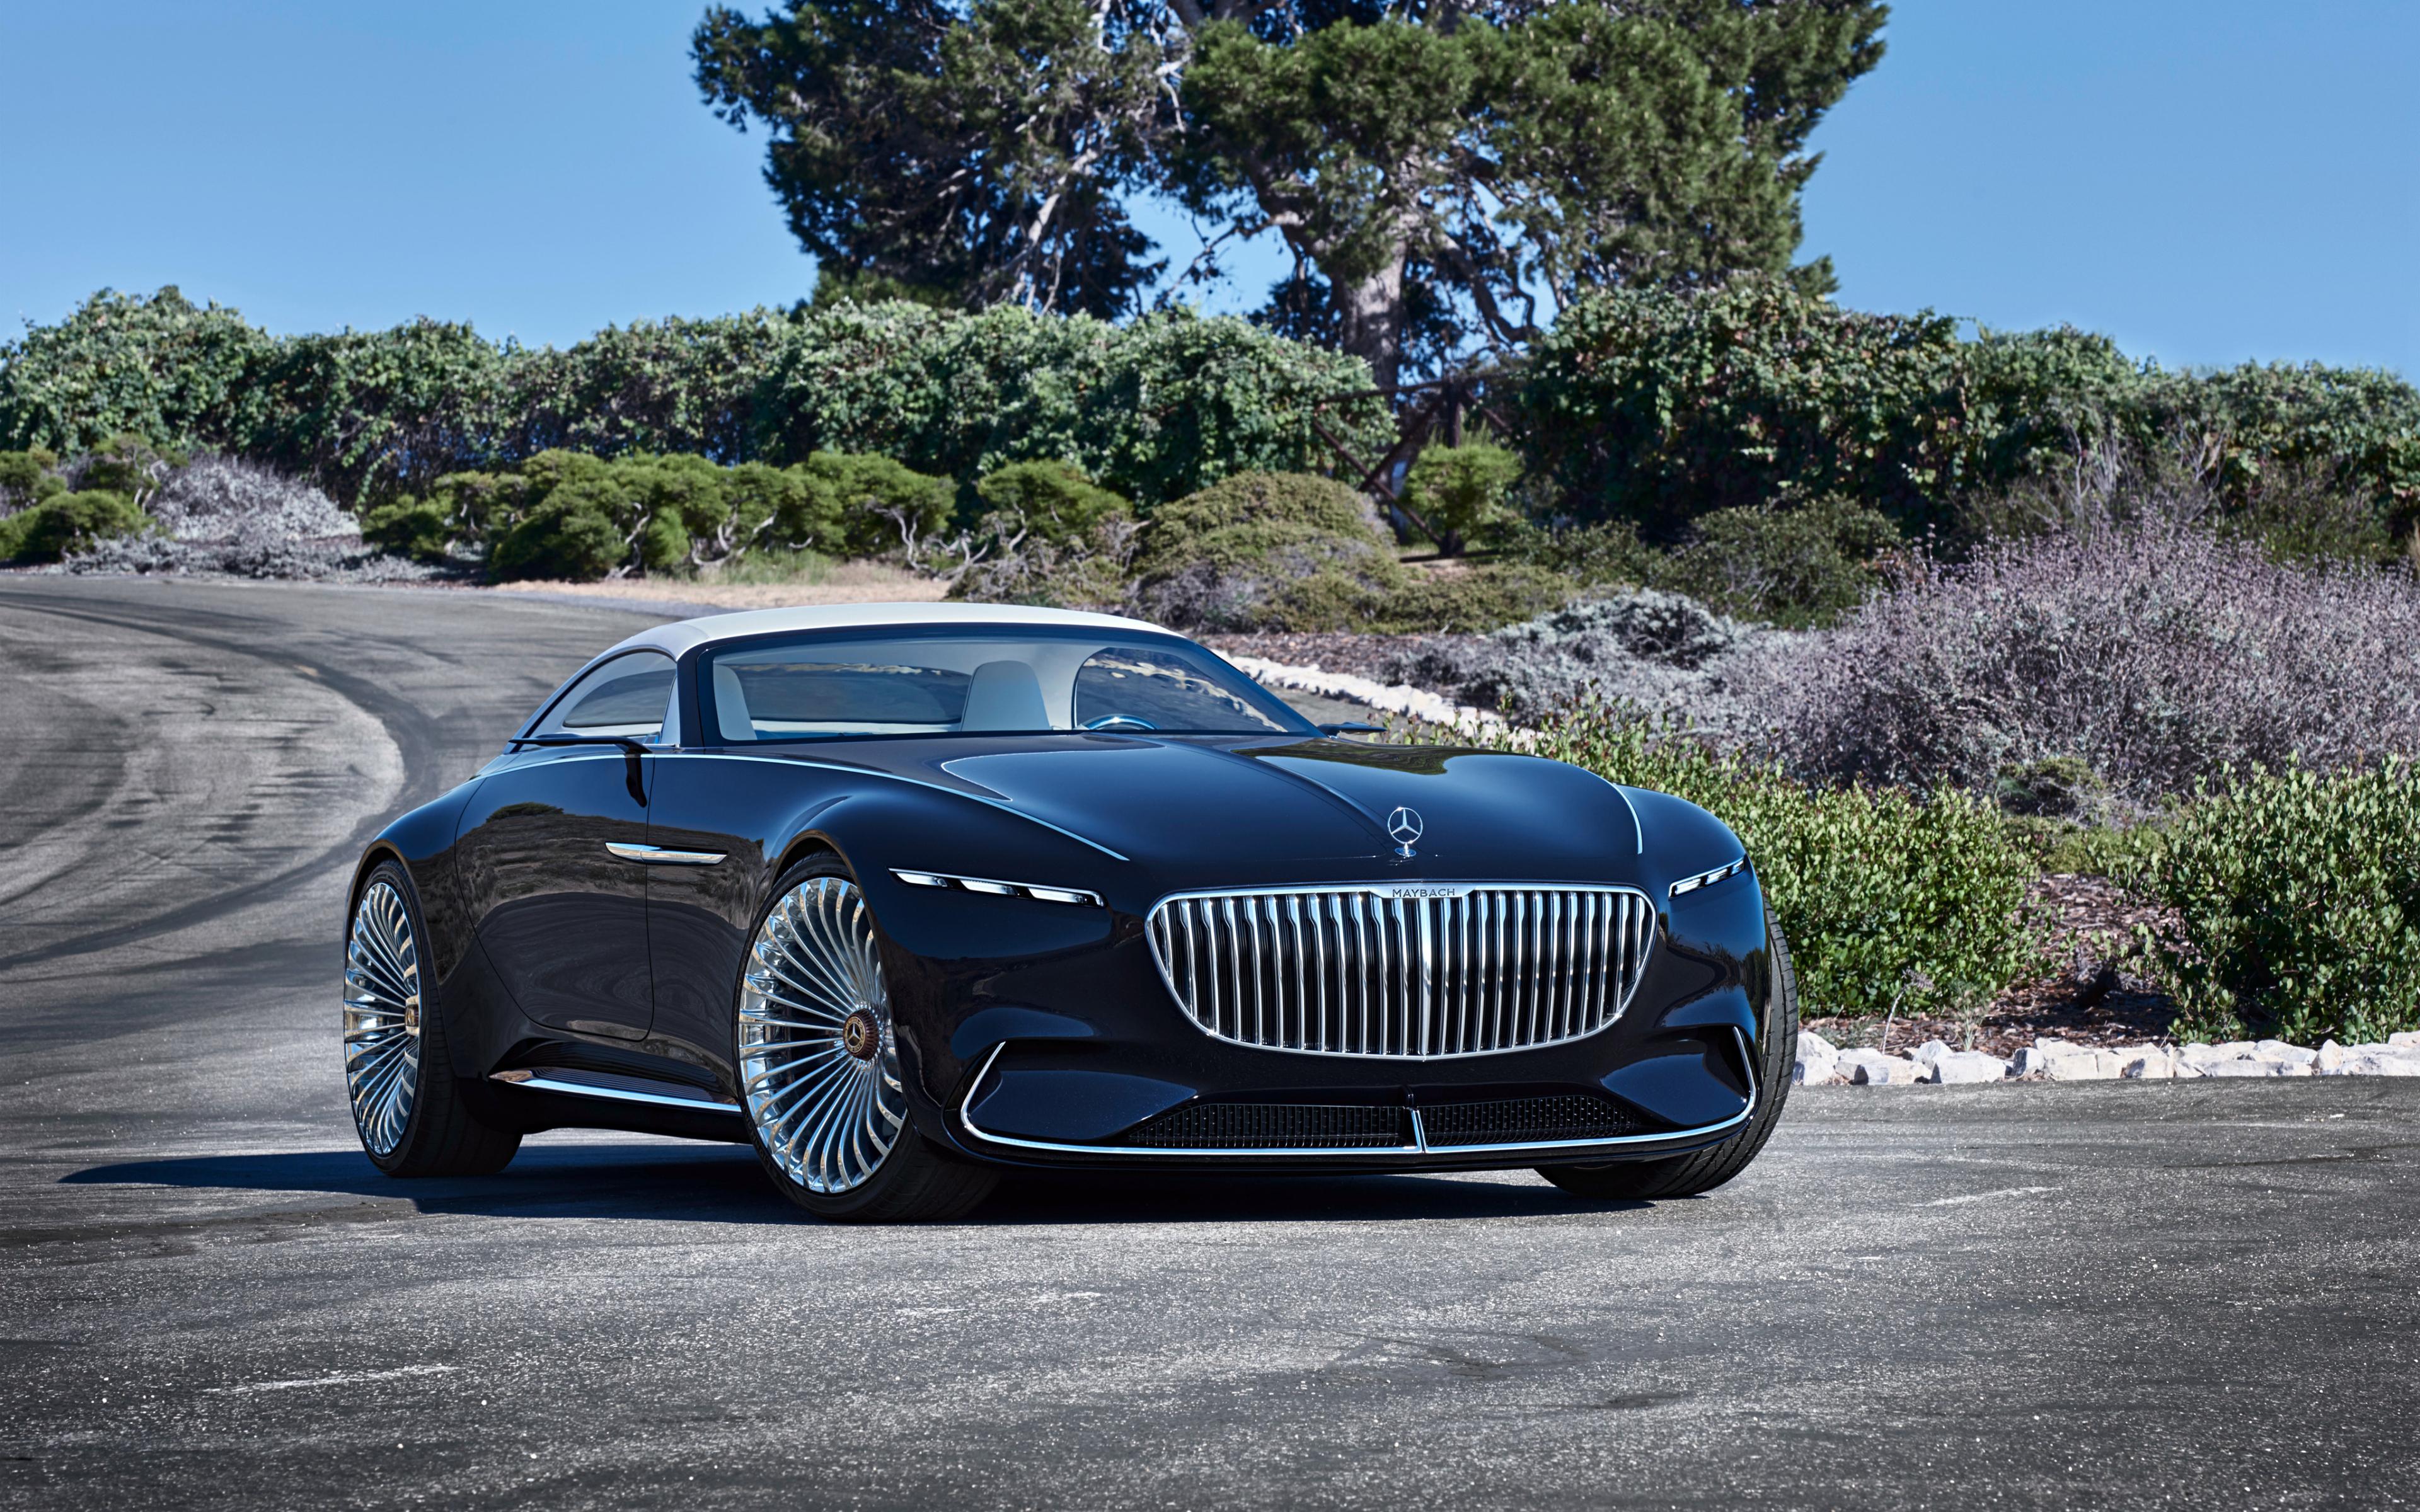 vision mercedes maybach 6 cabriolet hd 4k wallpaper. Black Bedroom Furniture Sets. Home Design Ideas